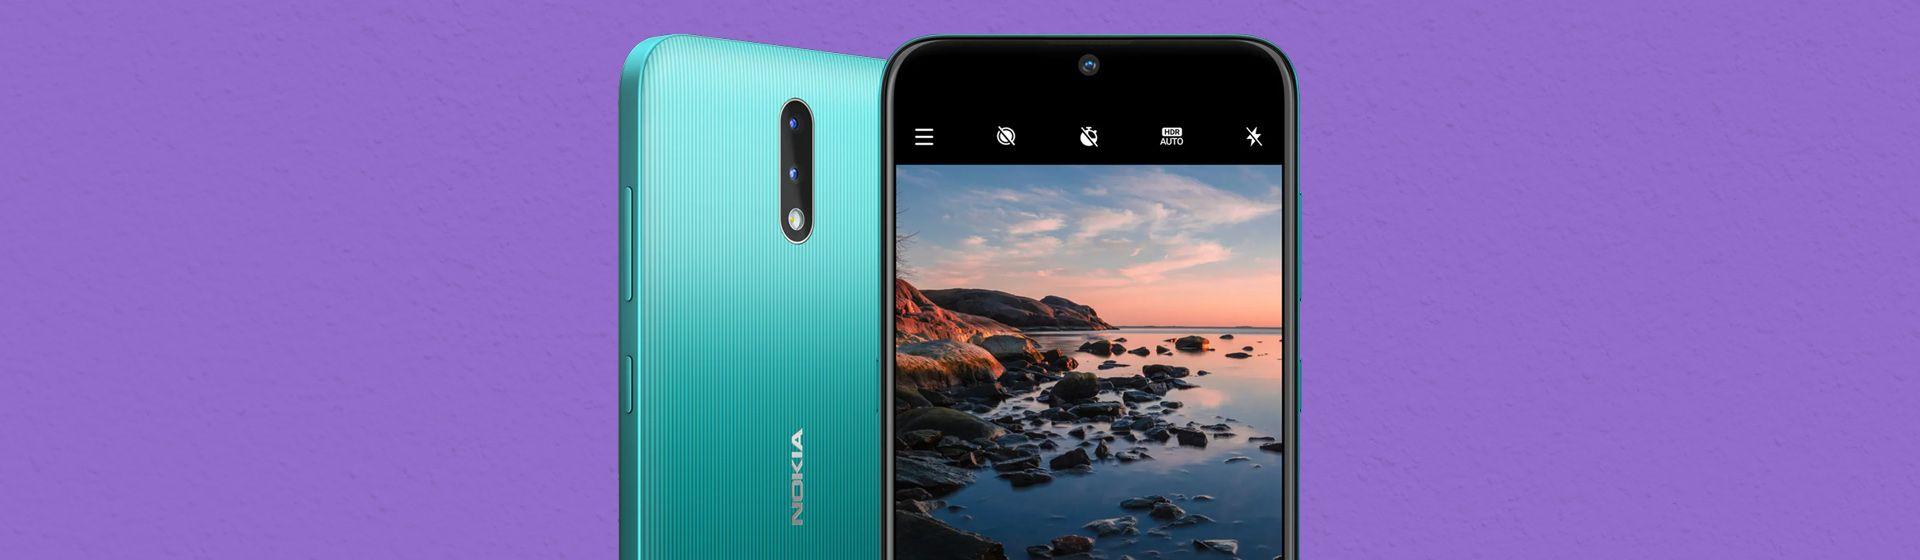 Nokia 2.3: conheça o celular que marca a volta da Nokia ao Brasil